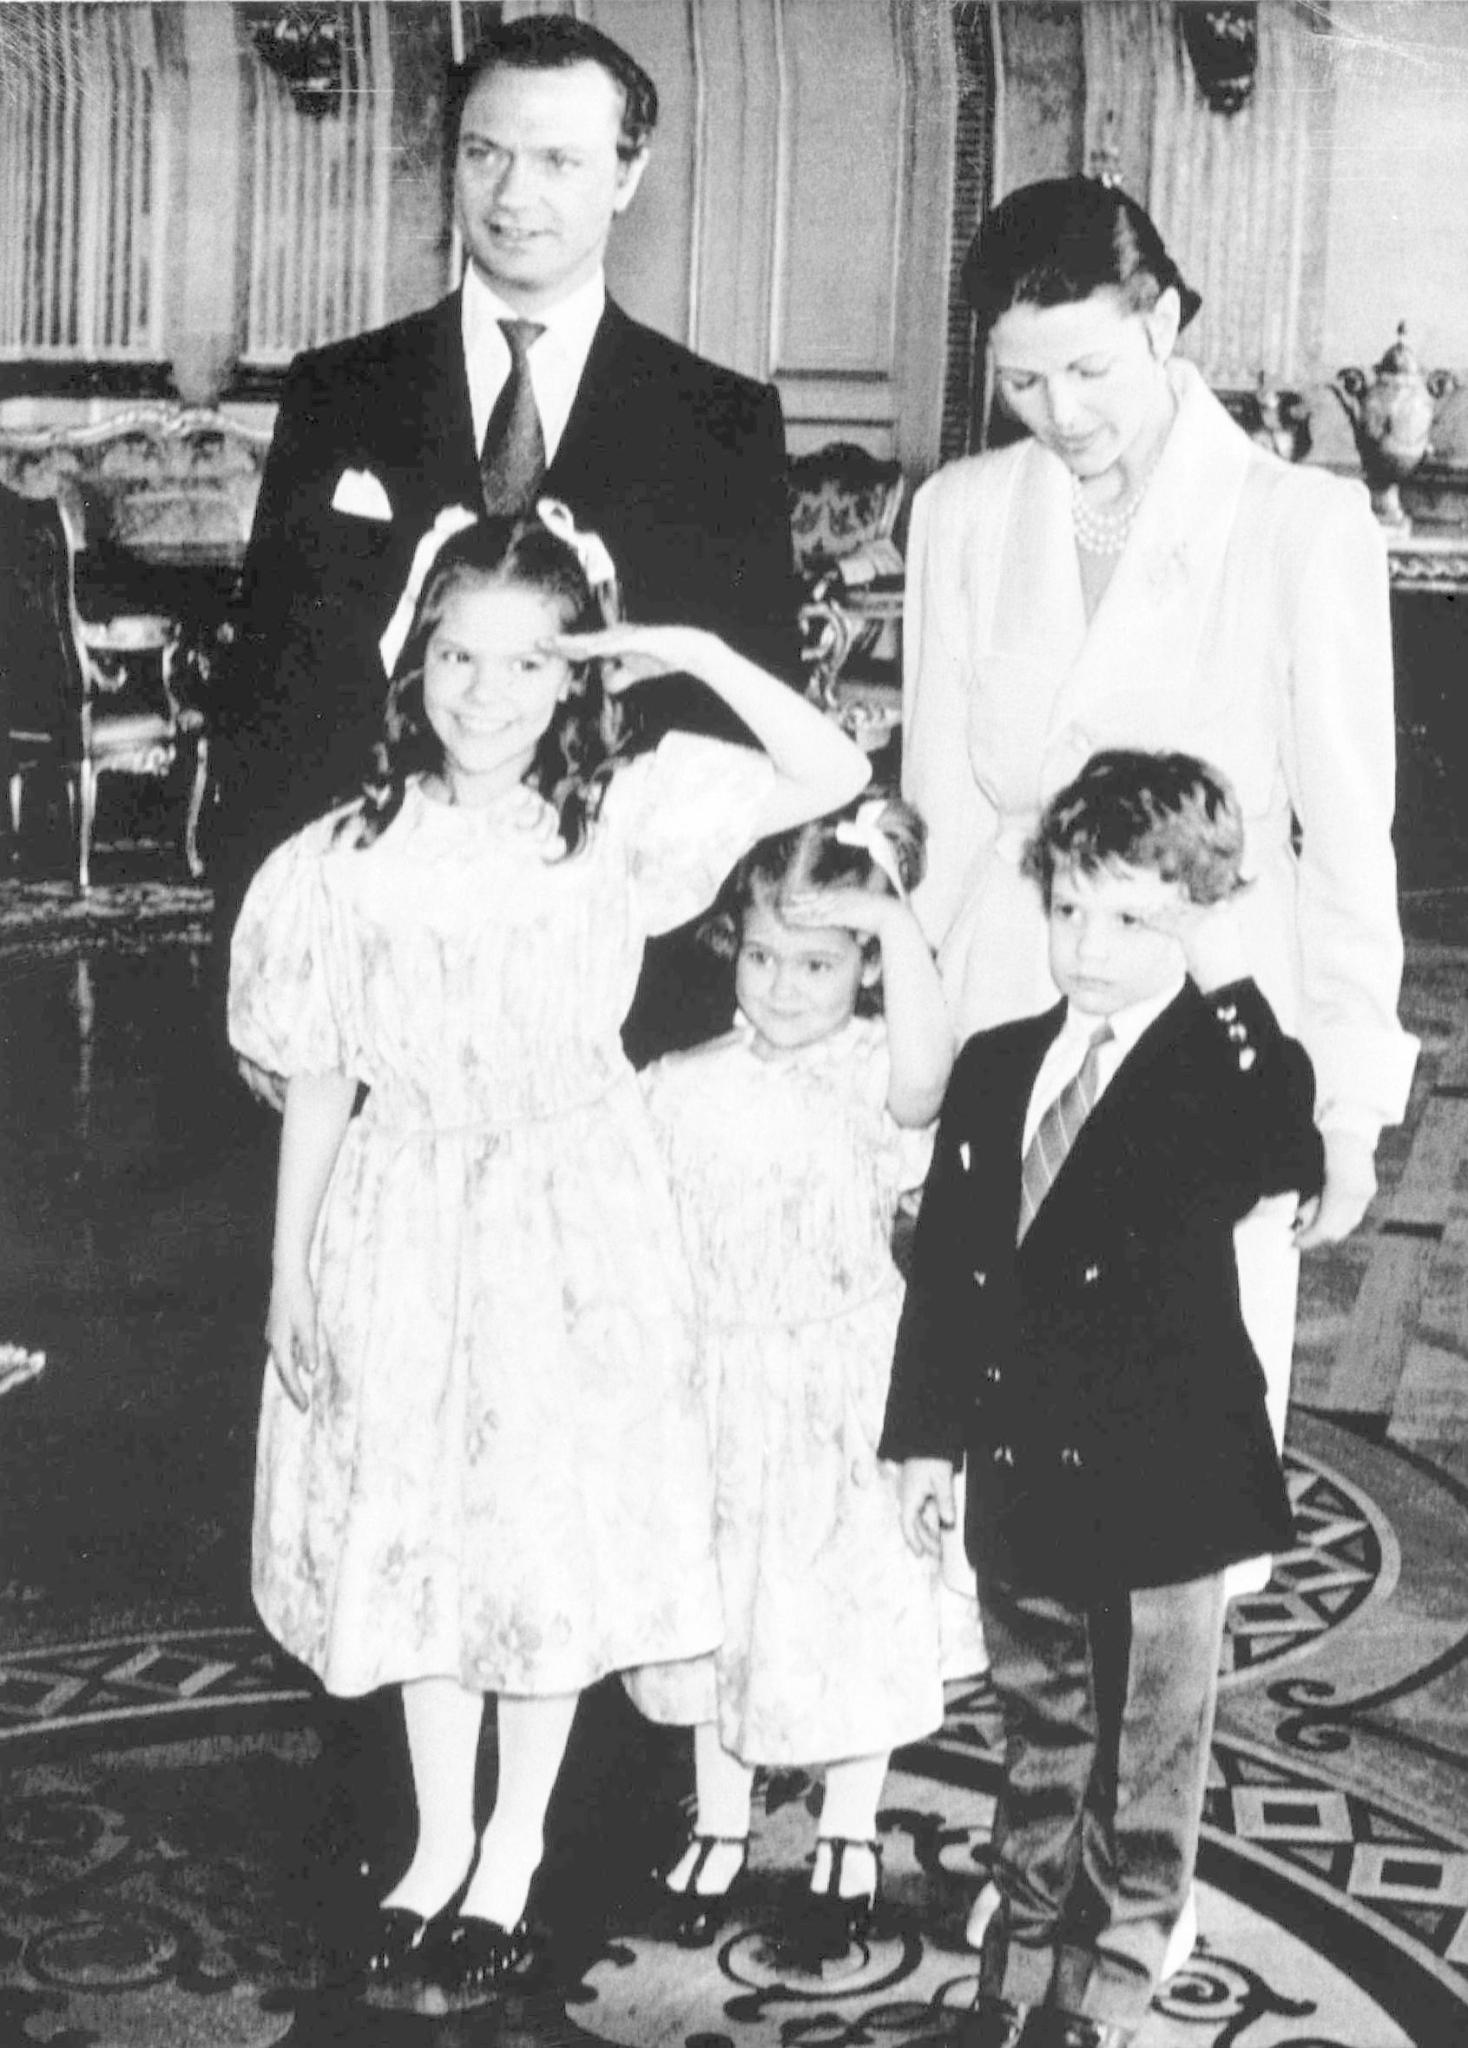 Die drei Königskinder stehen in ihrer Kindheit und Jugend häufig im Mittelpunkt des Interesses. Auftritte mit Schlips und Anzug gehören für Carl Philip dazu.